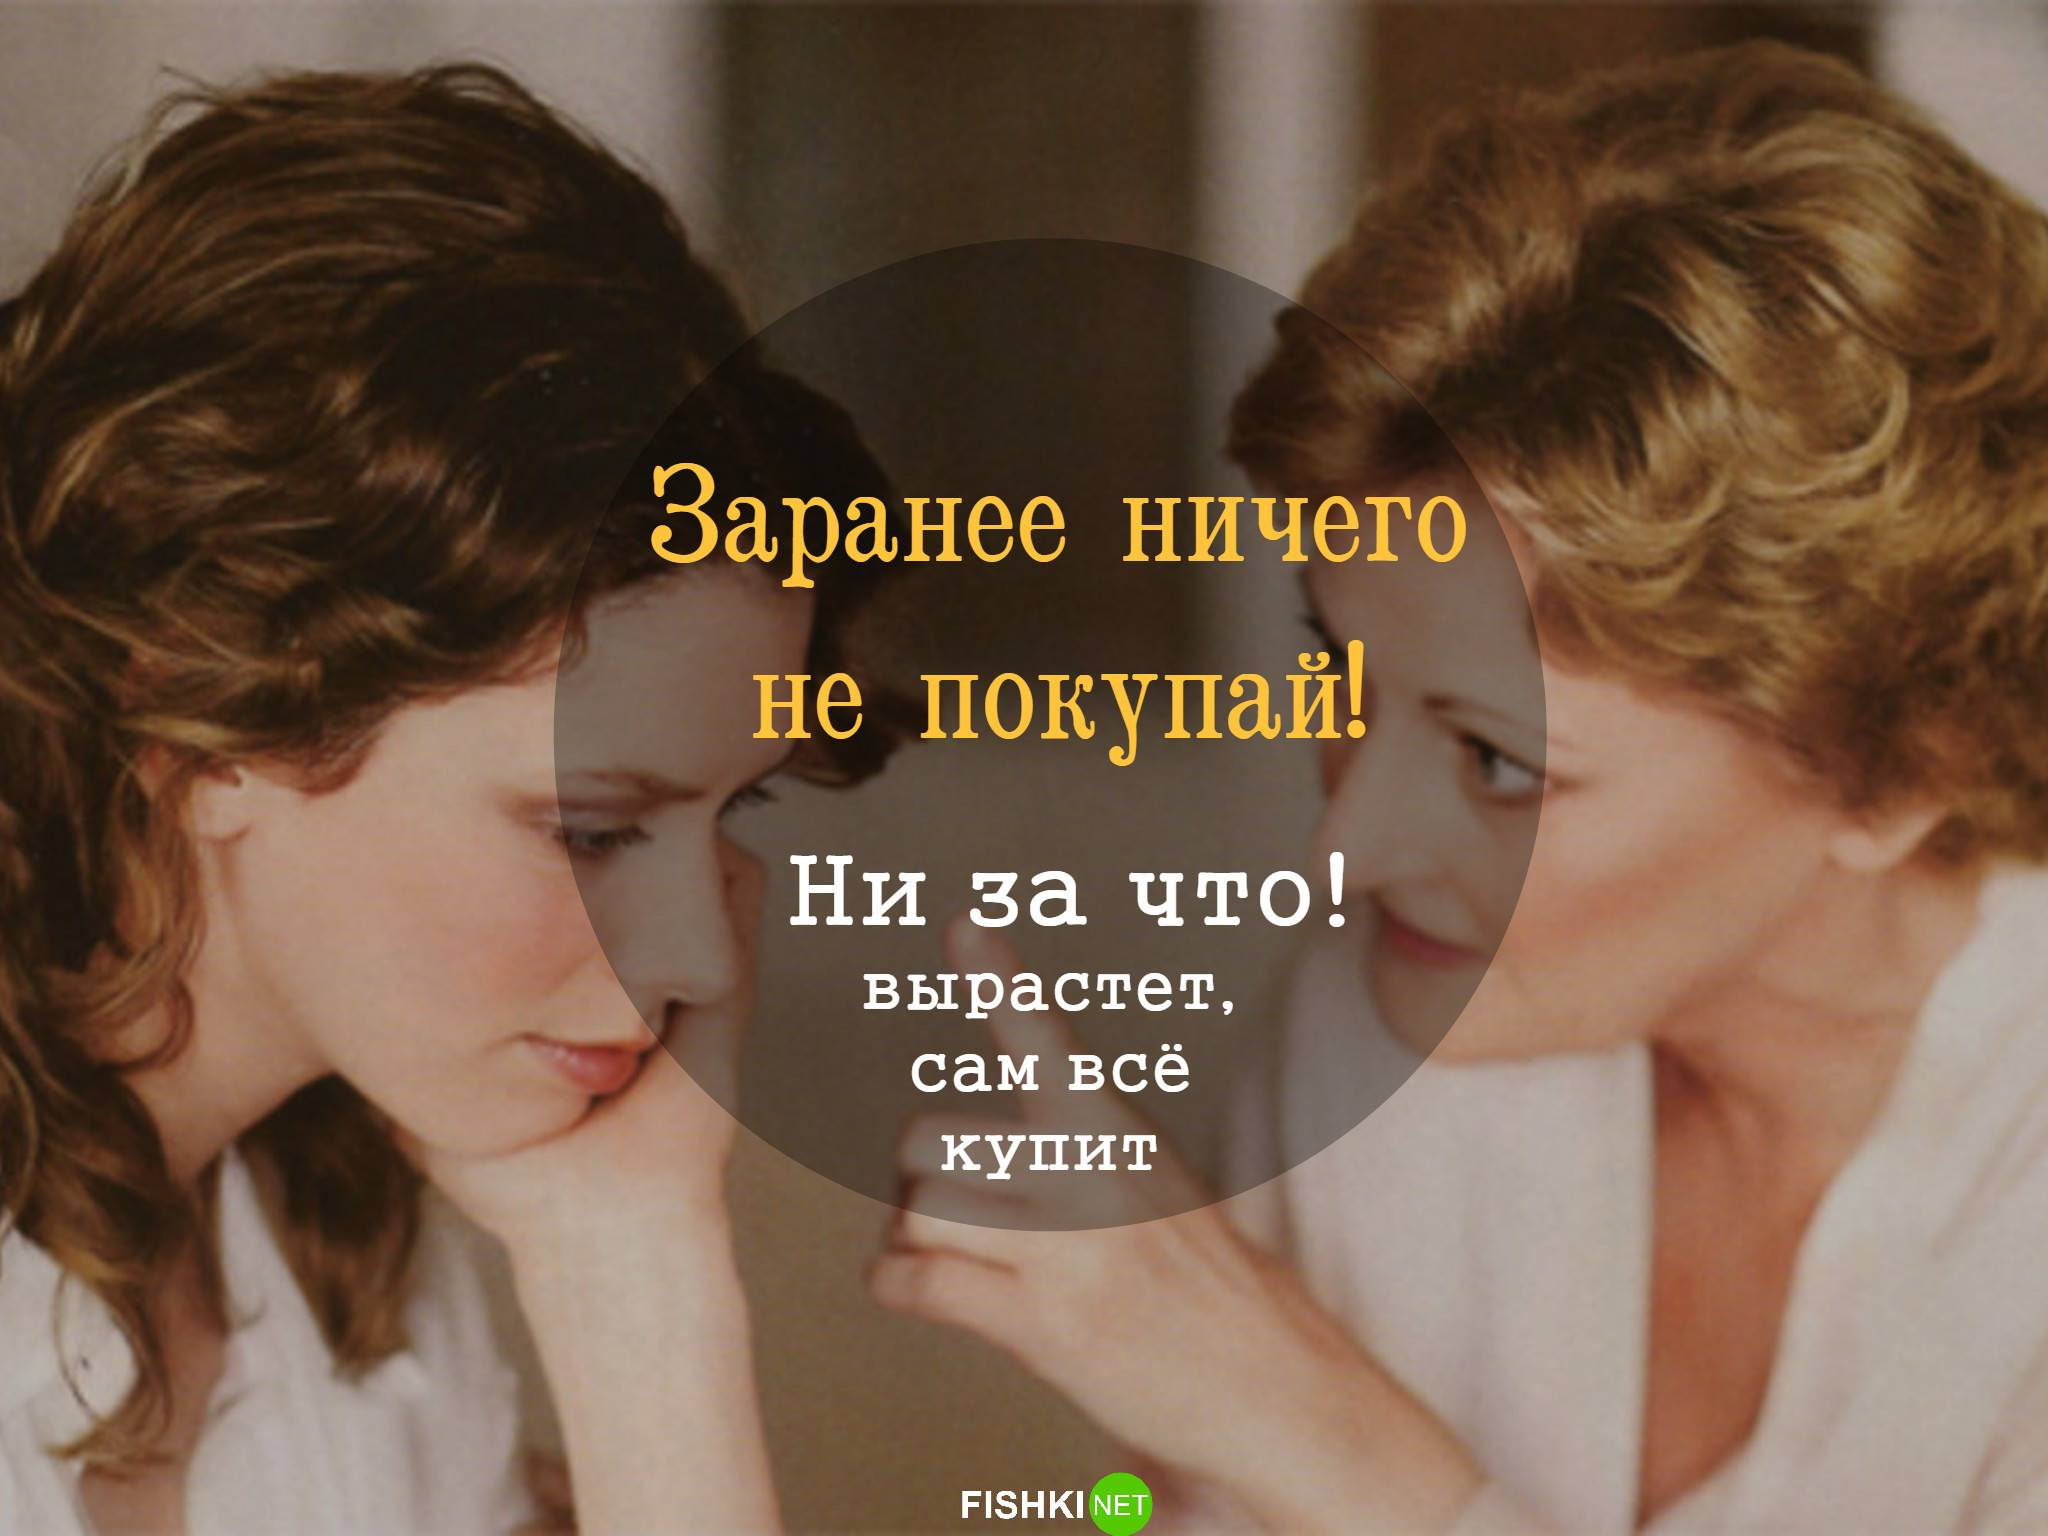 5 фраз, которые мужчинам не стоит говорить женщинам 8 марта и в преддверии праздника - полонсил.ру - социальная сеть здоровья - медиаплатформа миртесен